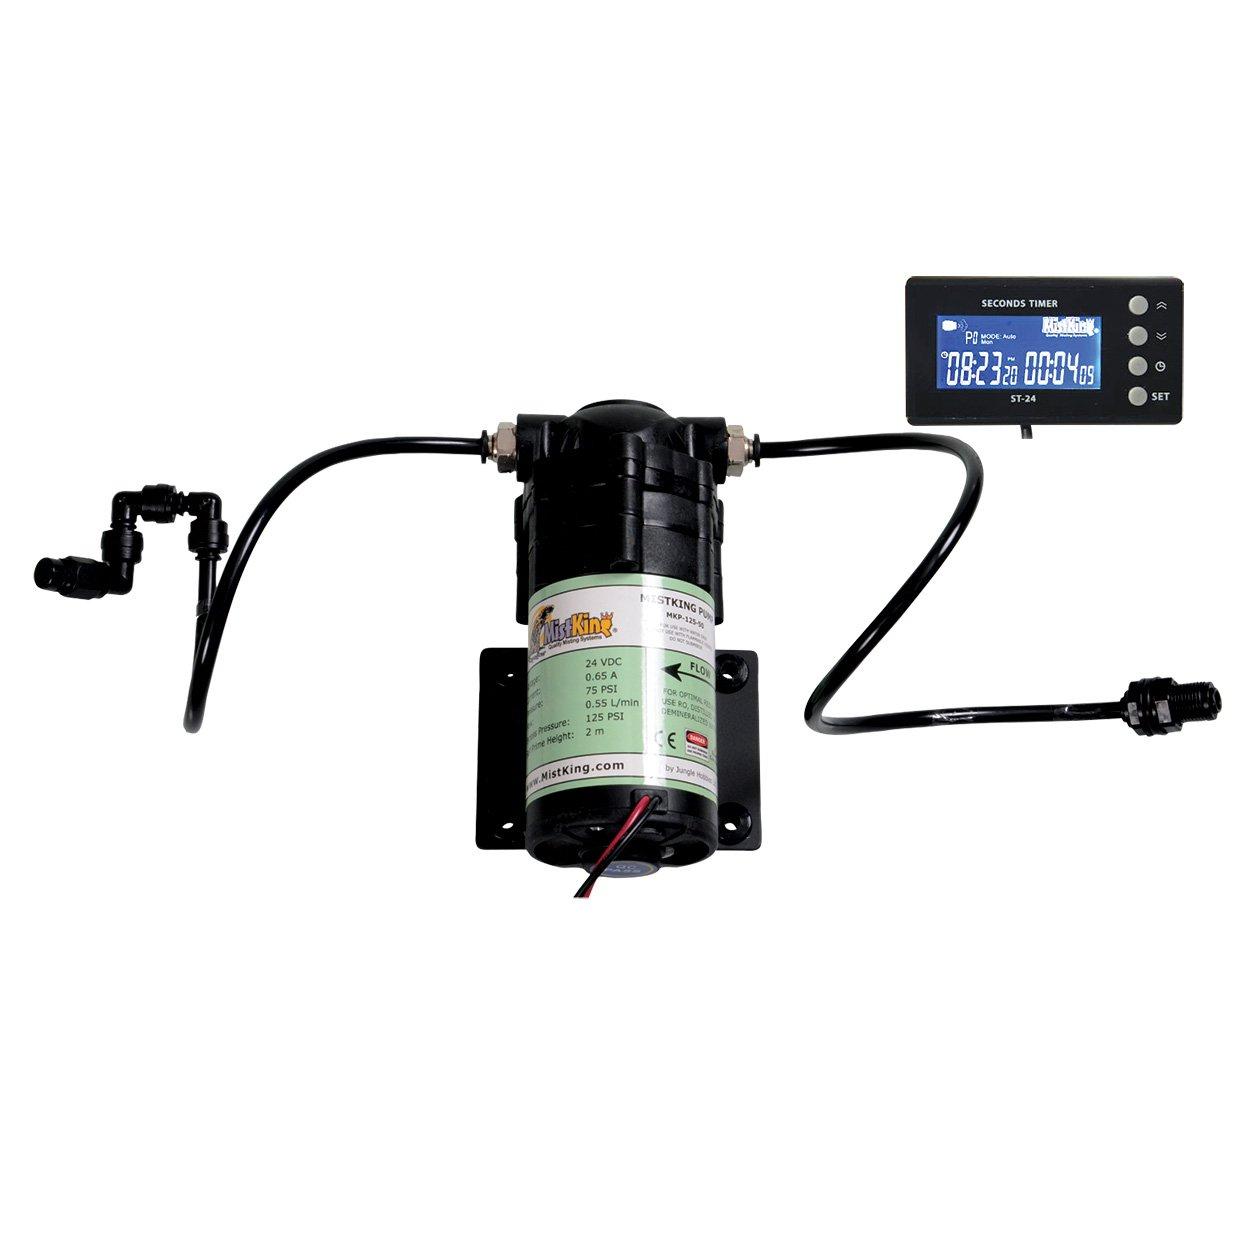 MistKing 22251 Starter Misting System V4.0 by MistKing